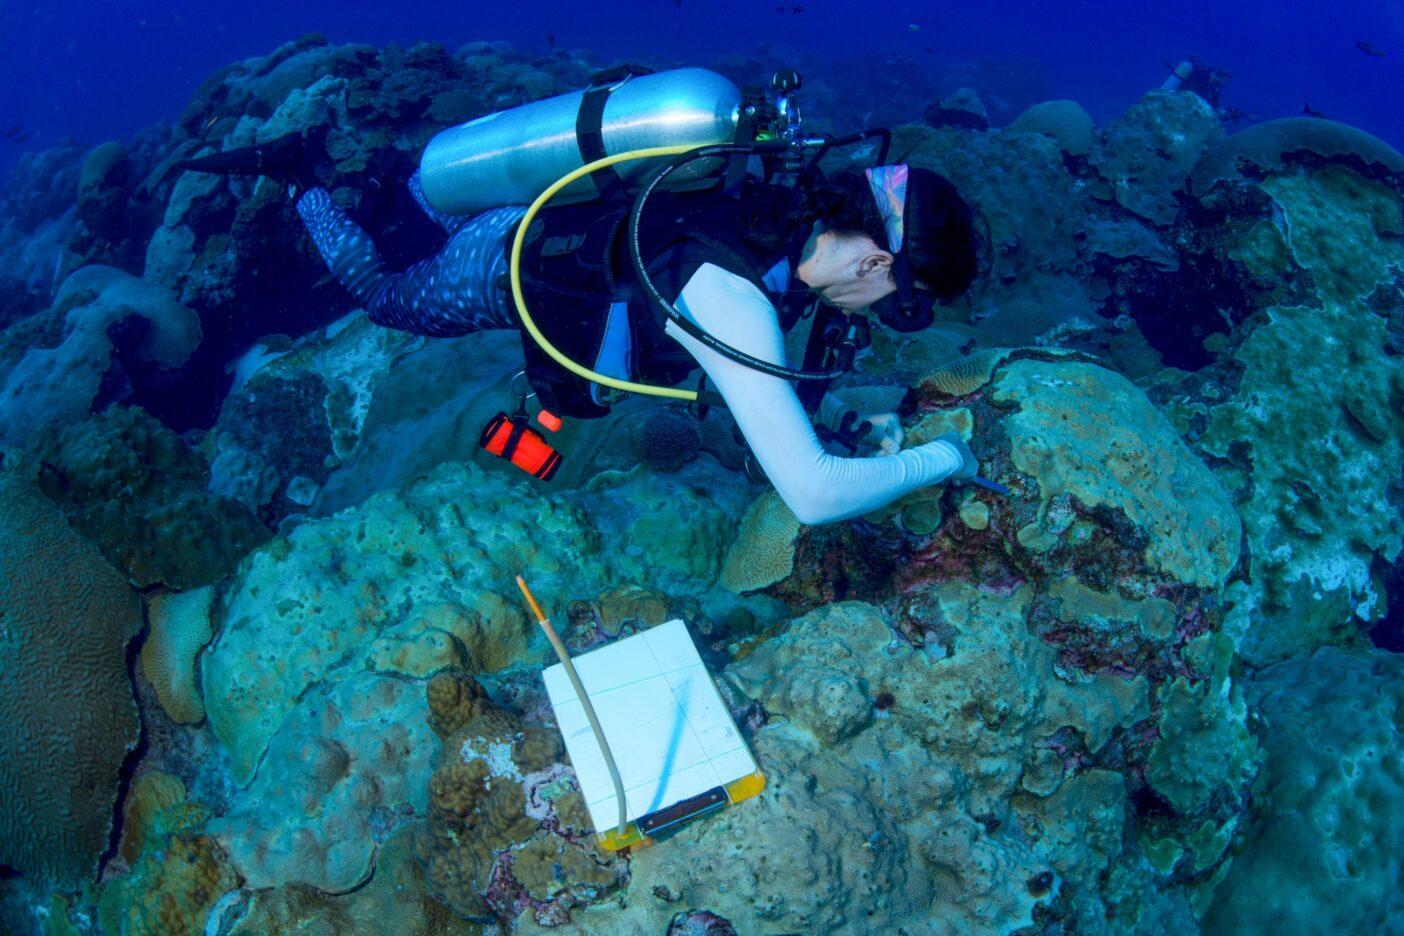 海洋生物学者は東部フラワーガーデン・バンクでサンゴの健康状態を調査する。Photo : Jesse Cancelmo